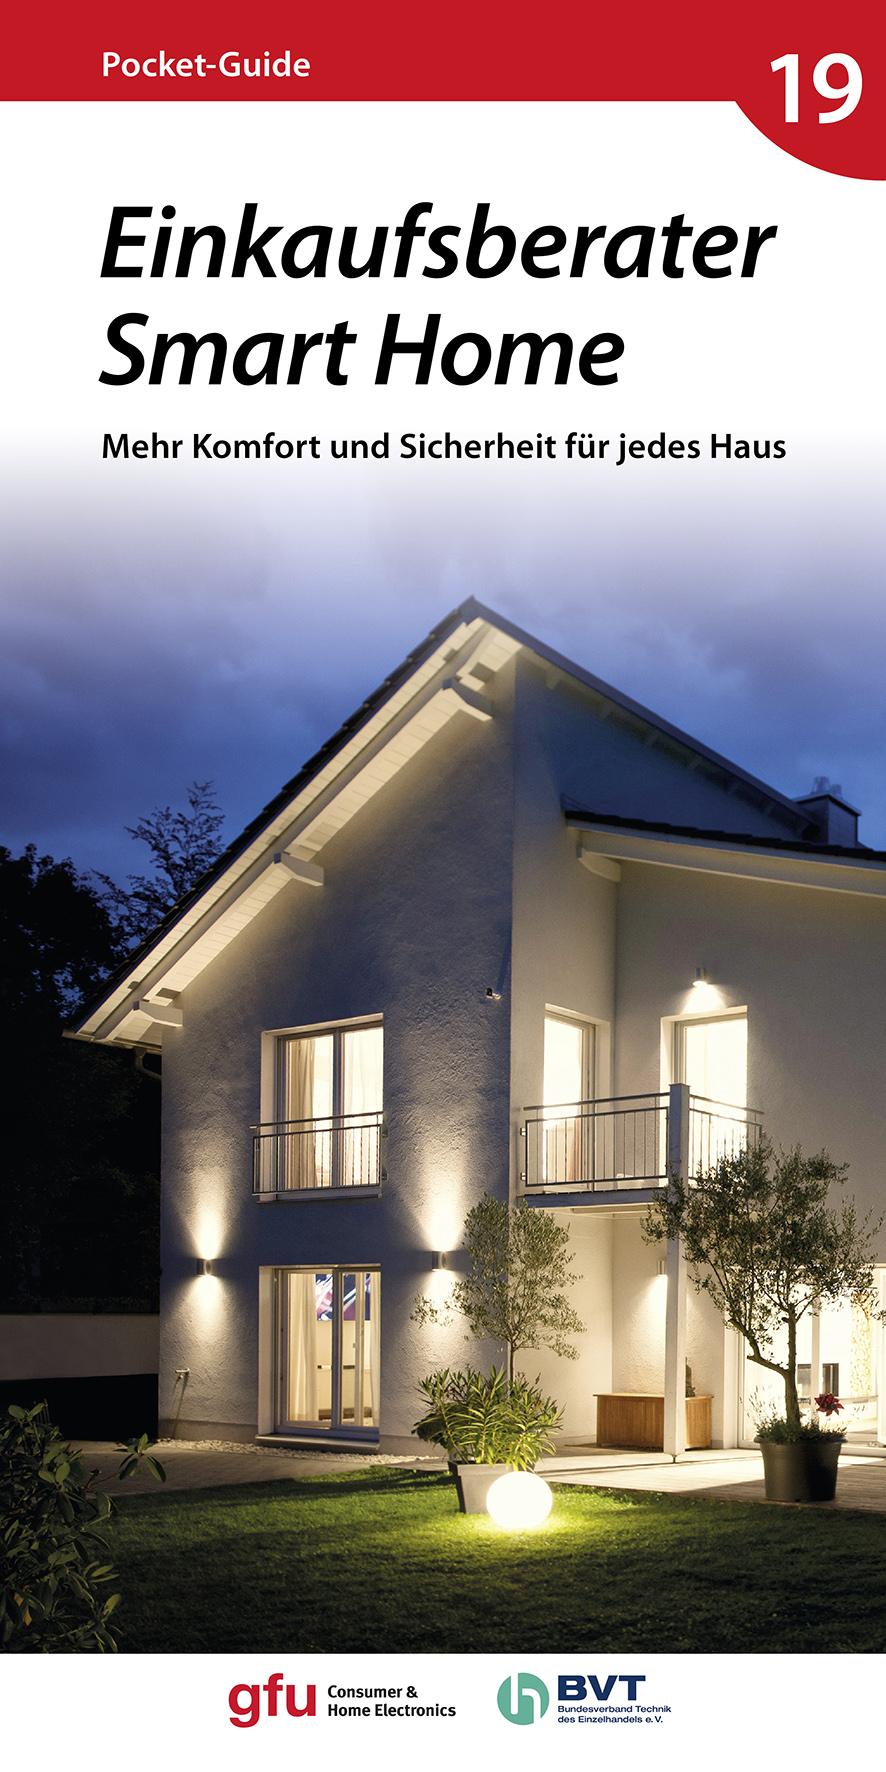 neuer gfu pocket guide smart home. Black Bedroom Furniture Sets. Home Design Ideas